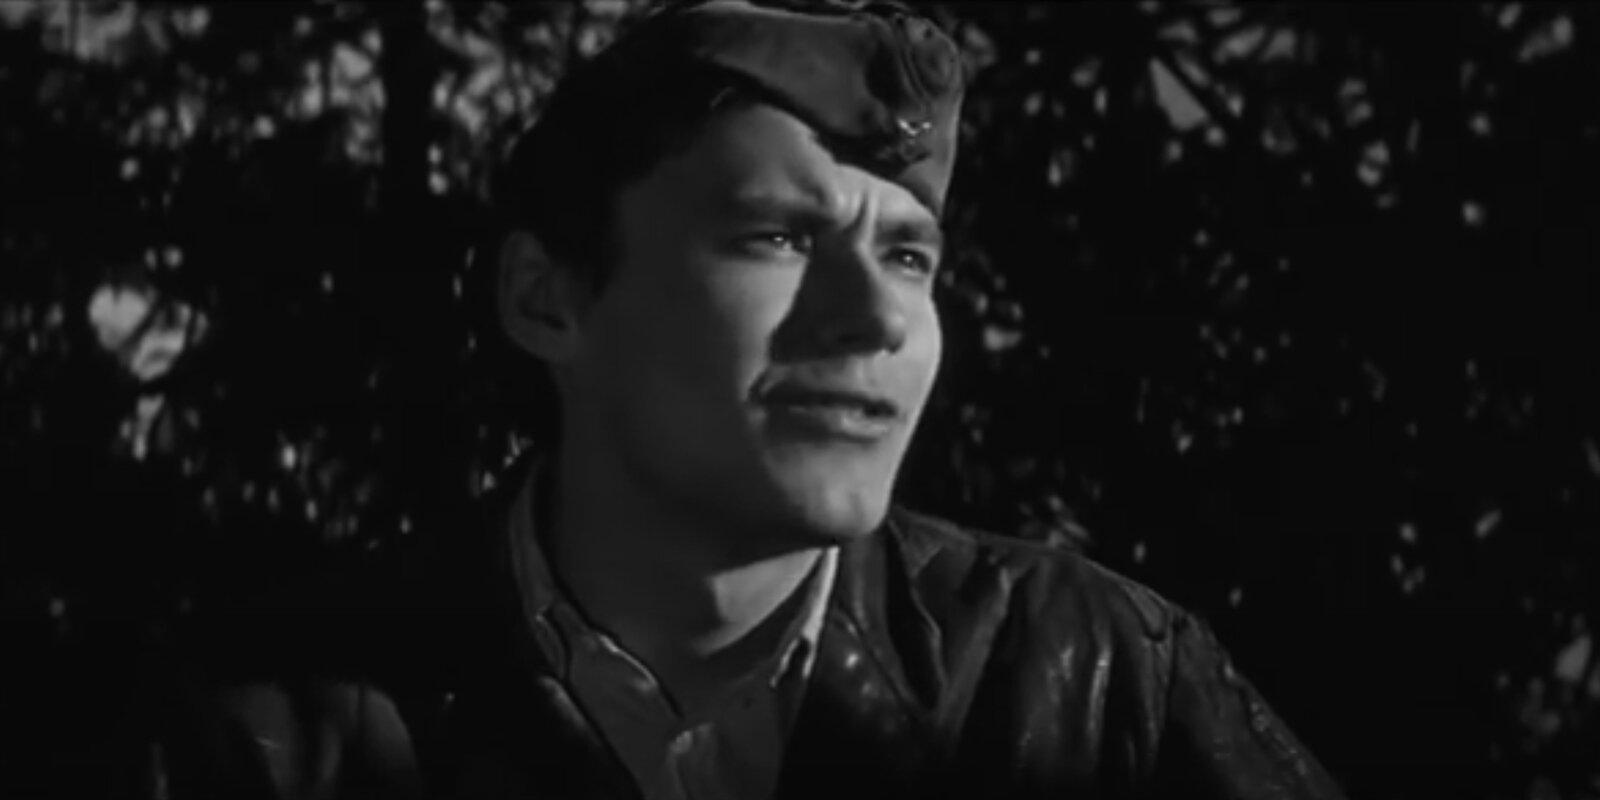 Кадр из фильма «Зимородок». Режиссер В. Никифоров. 1972 год